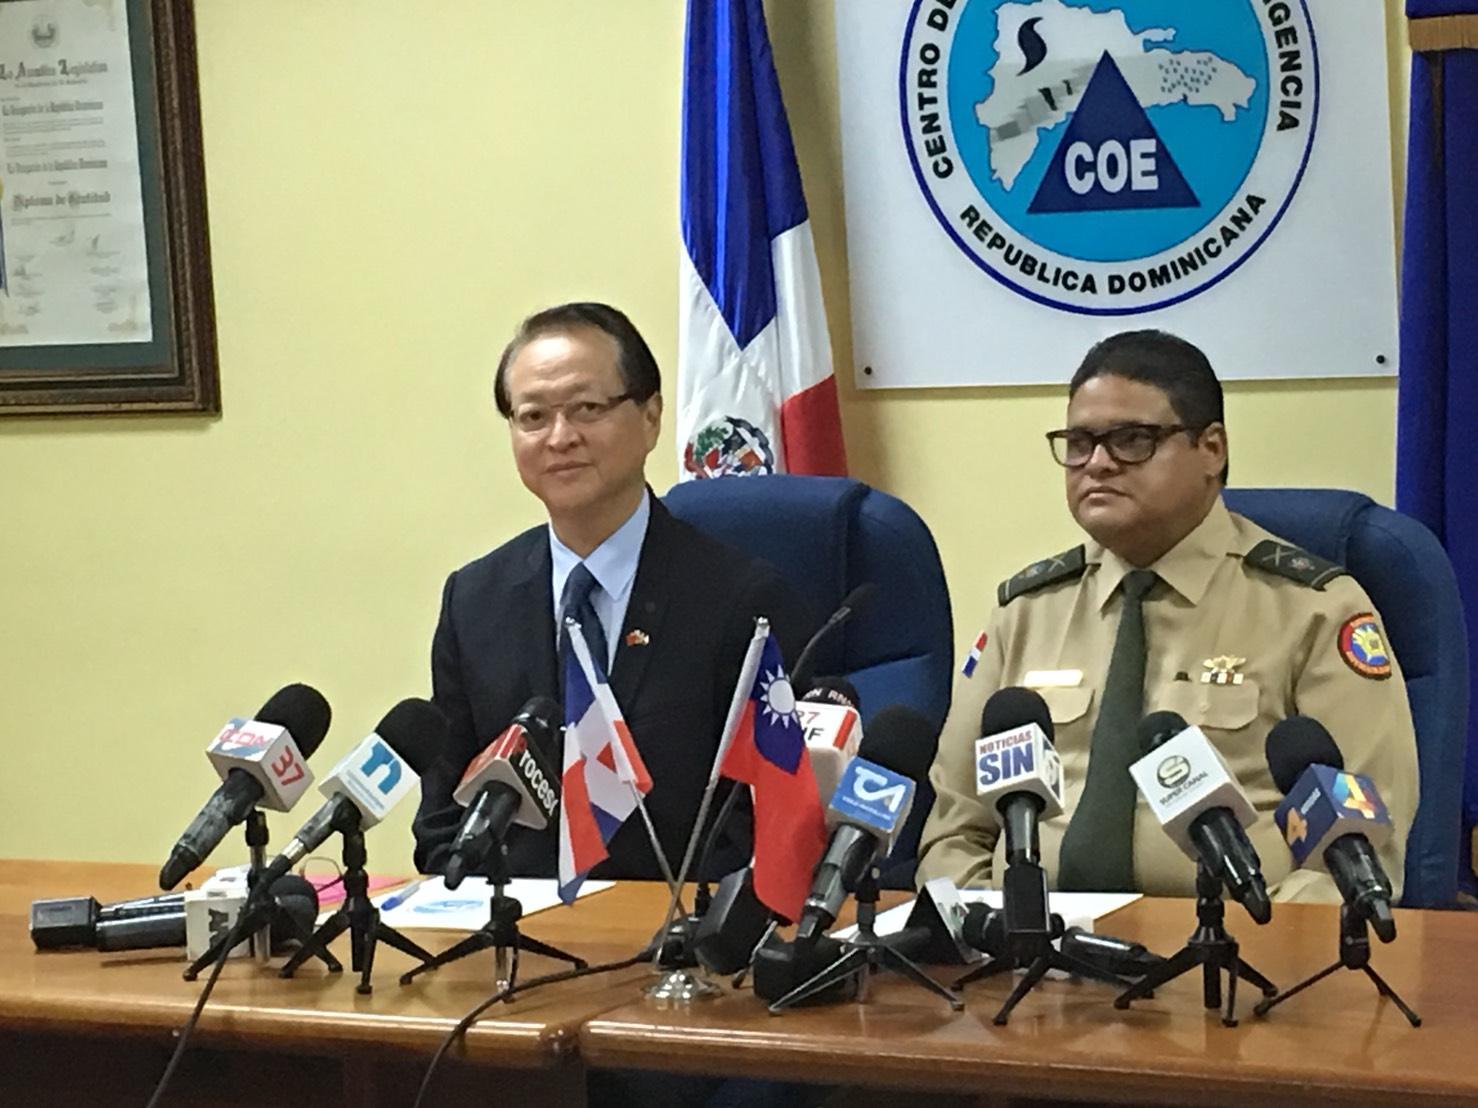 Taiwán dona 100 mil dólares al COE para ayudar a afectados por inundaciones provocadas por Irma y María